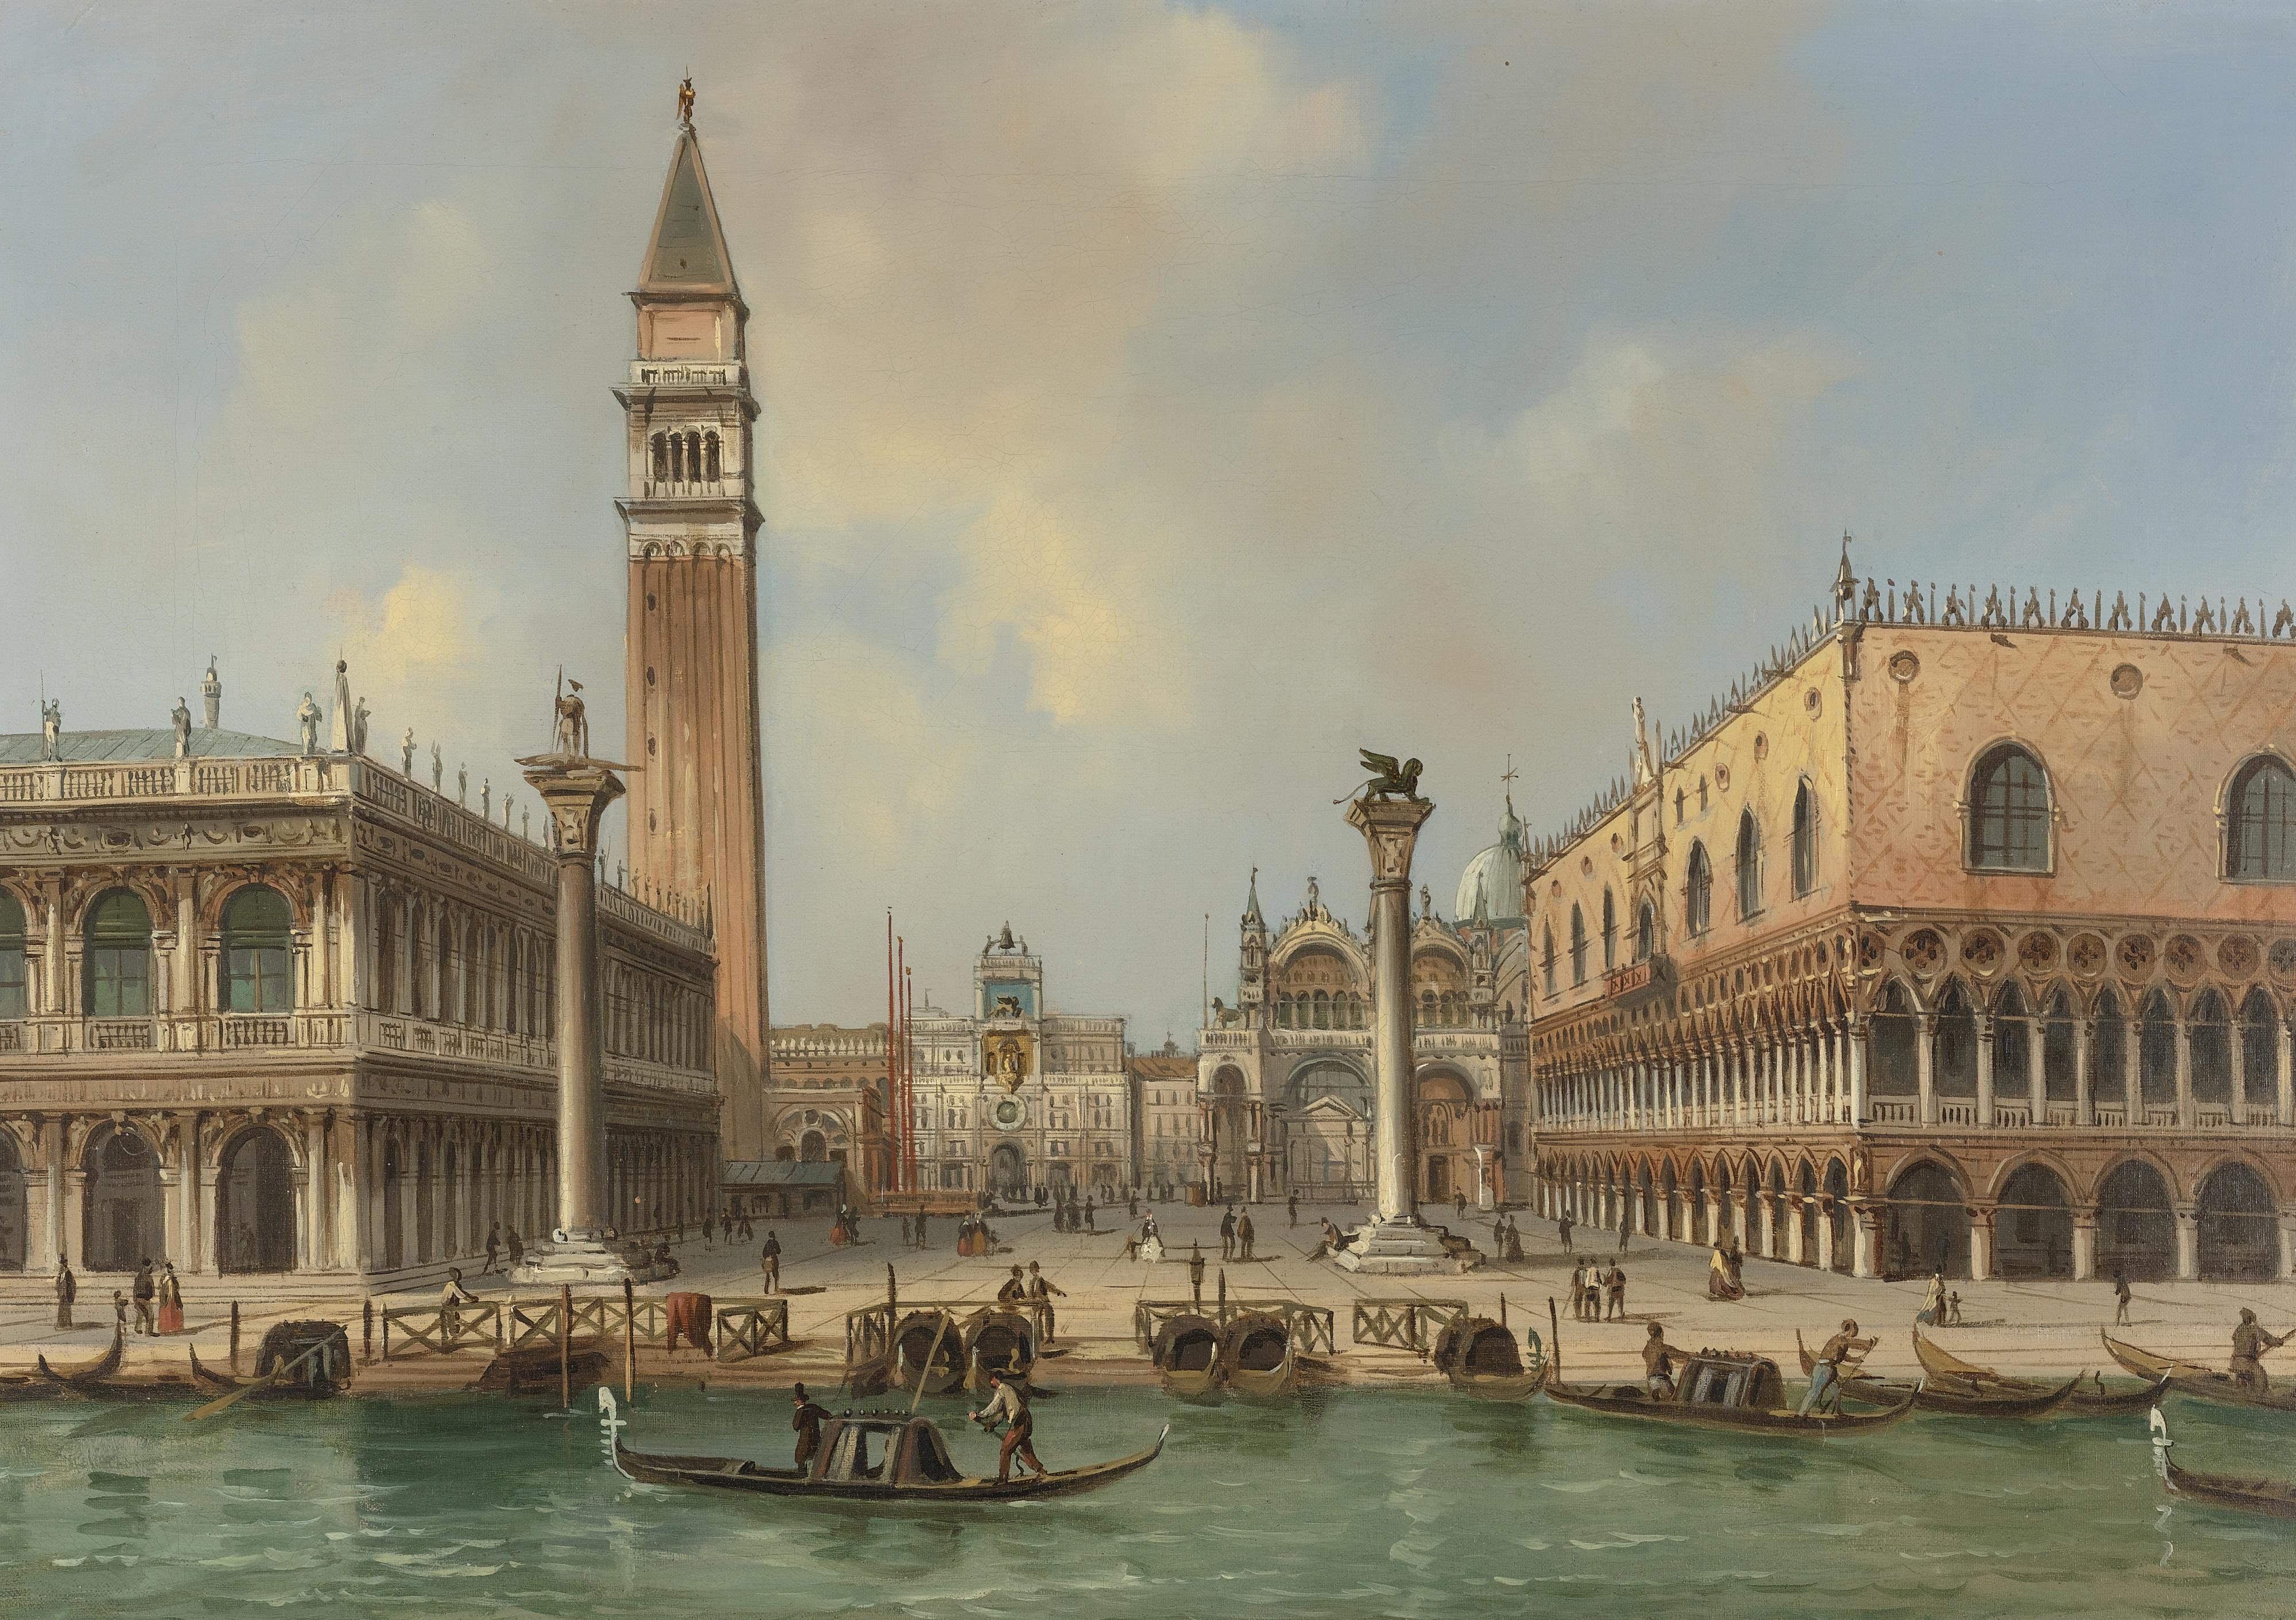 The Piazzetta di San Marco, Venice, by Carlo Grubacs